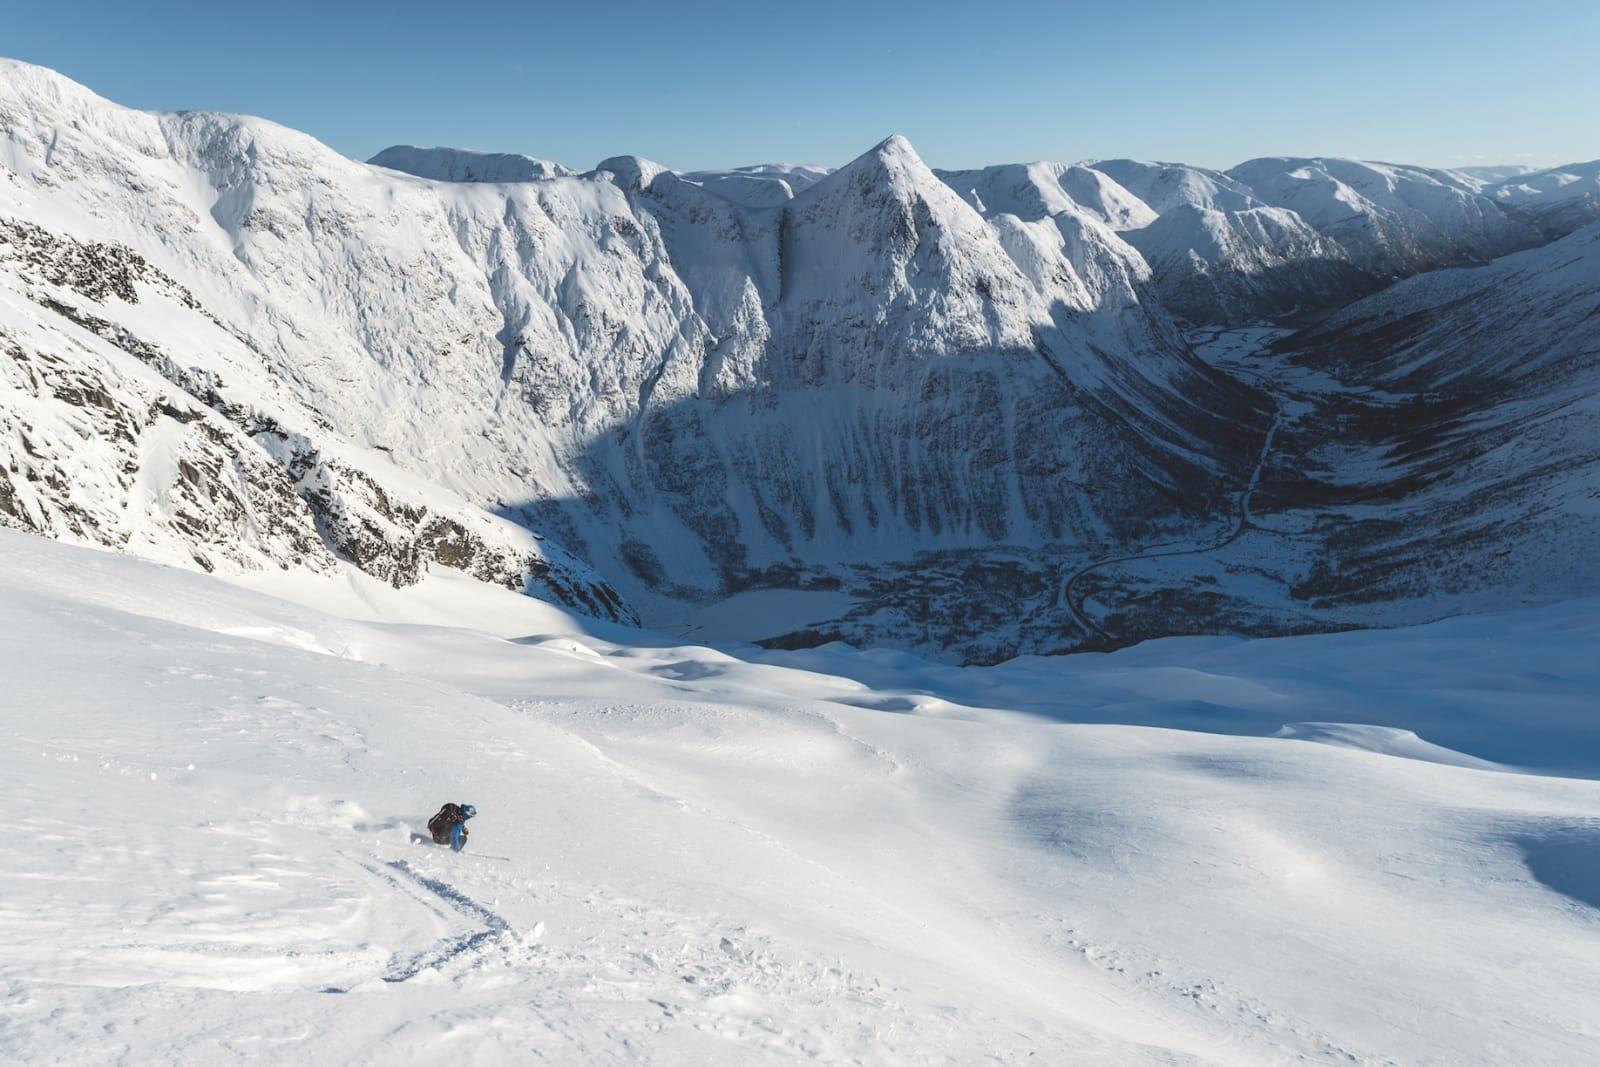 Klink is og melis. Skiføret i et brefall kan mildt sagt kalles varierende, men Sigurd Felde og Sander Buene har vært der før. Av og til finner de lommer med løssnø.